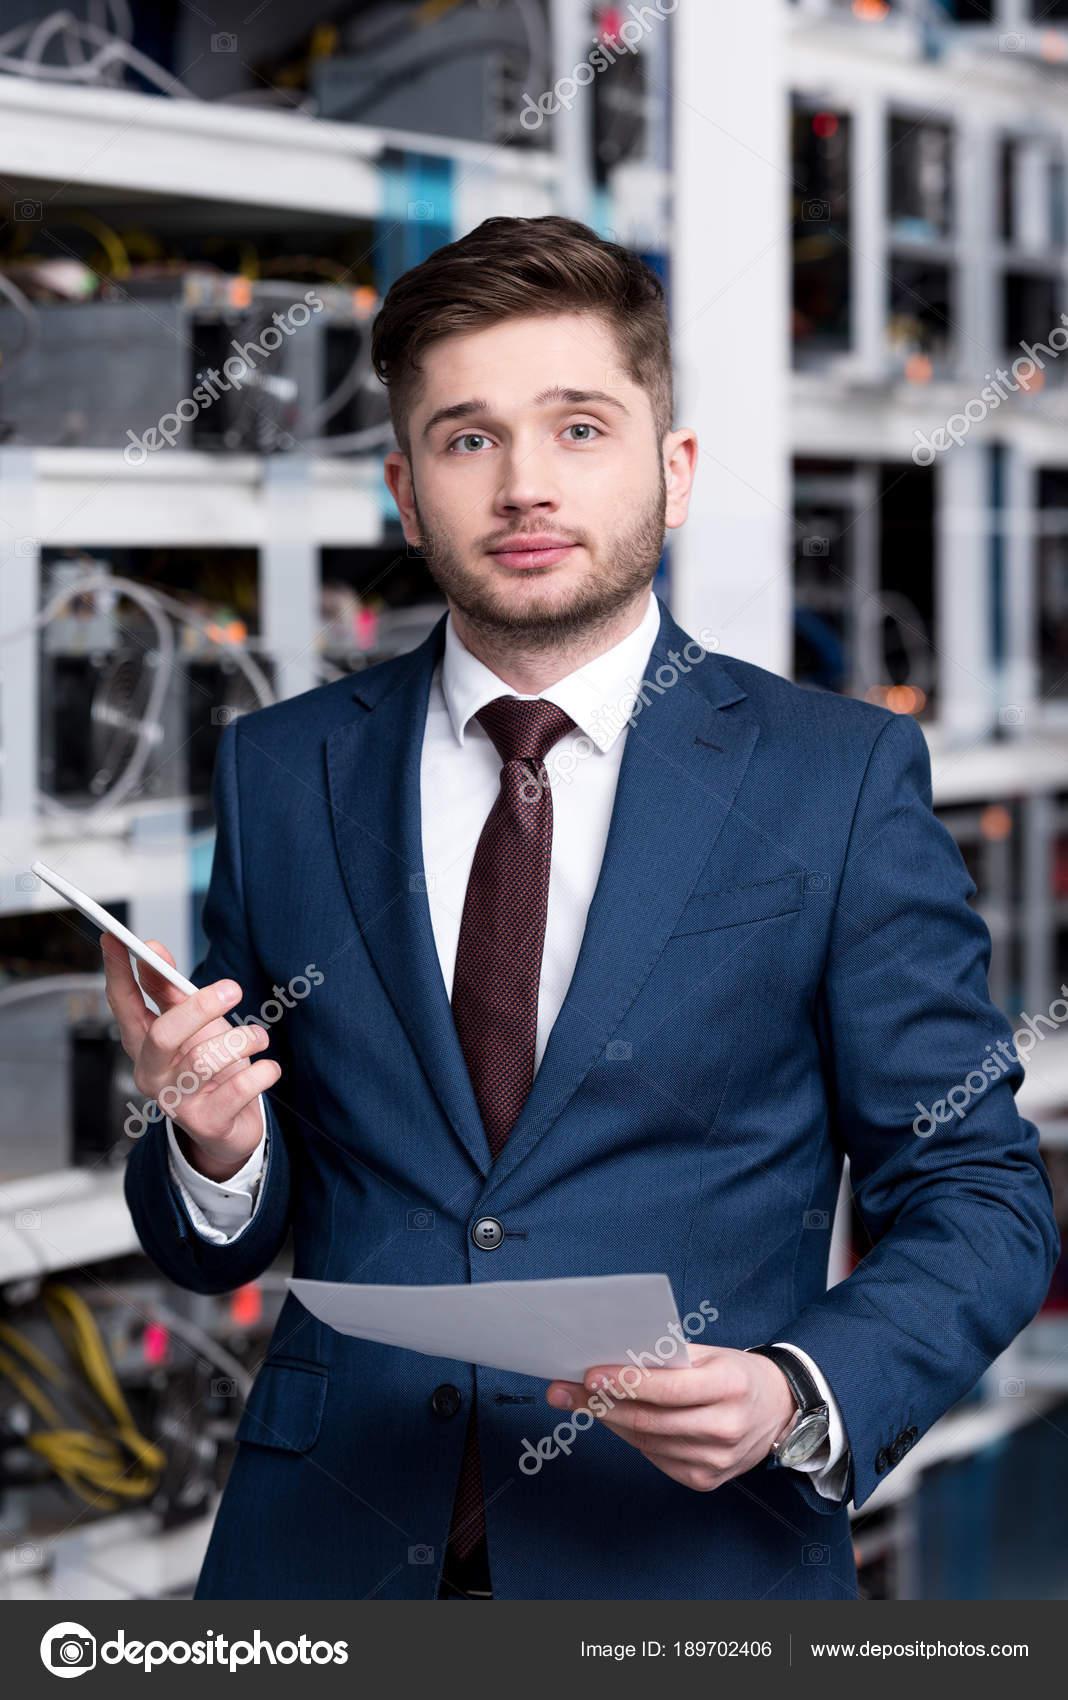 exitoso joven empresario granja minería cryptocurrency foto de